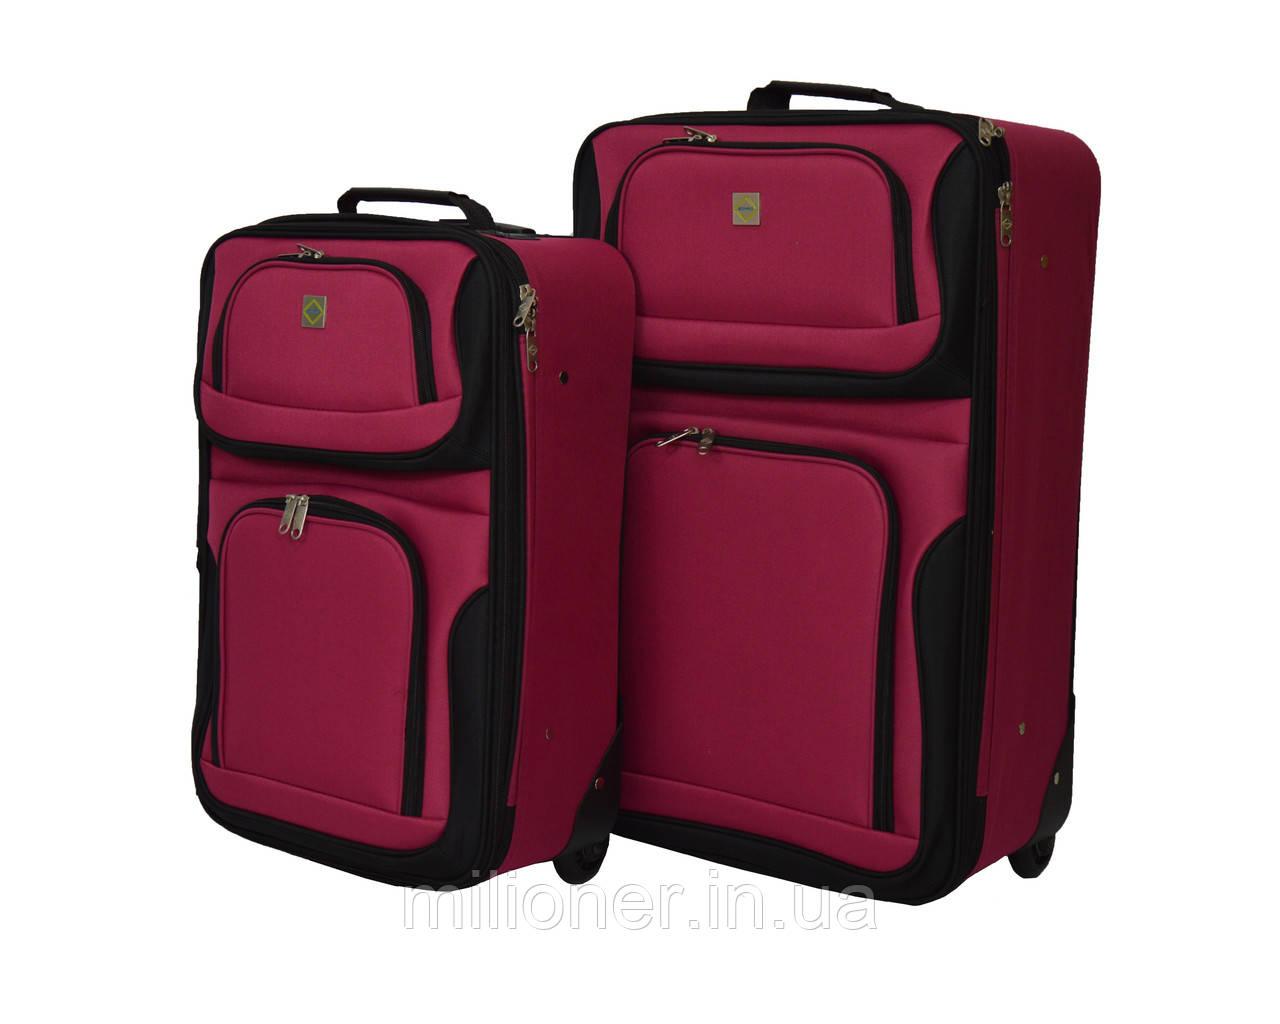 Набор чемоданов Bonro Best 2 шт вишневый